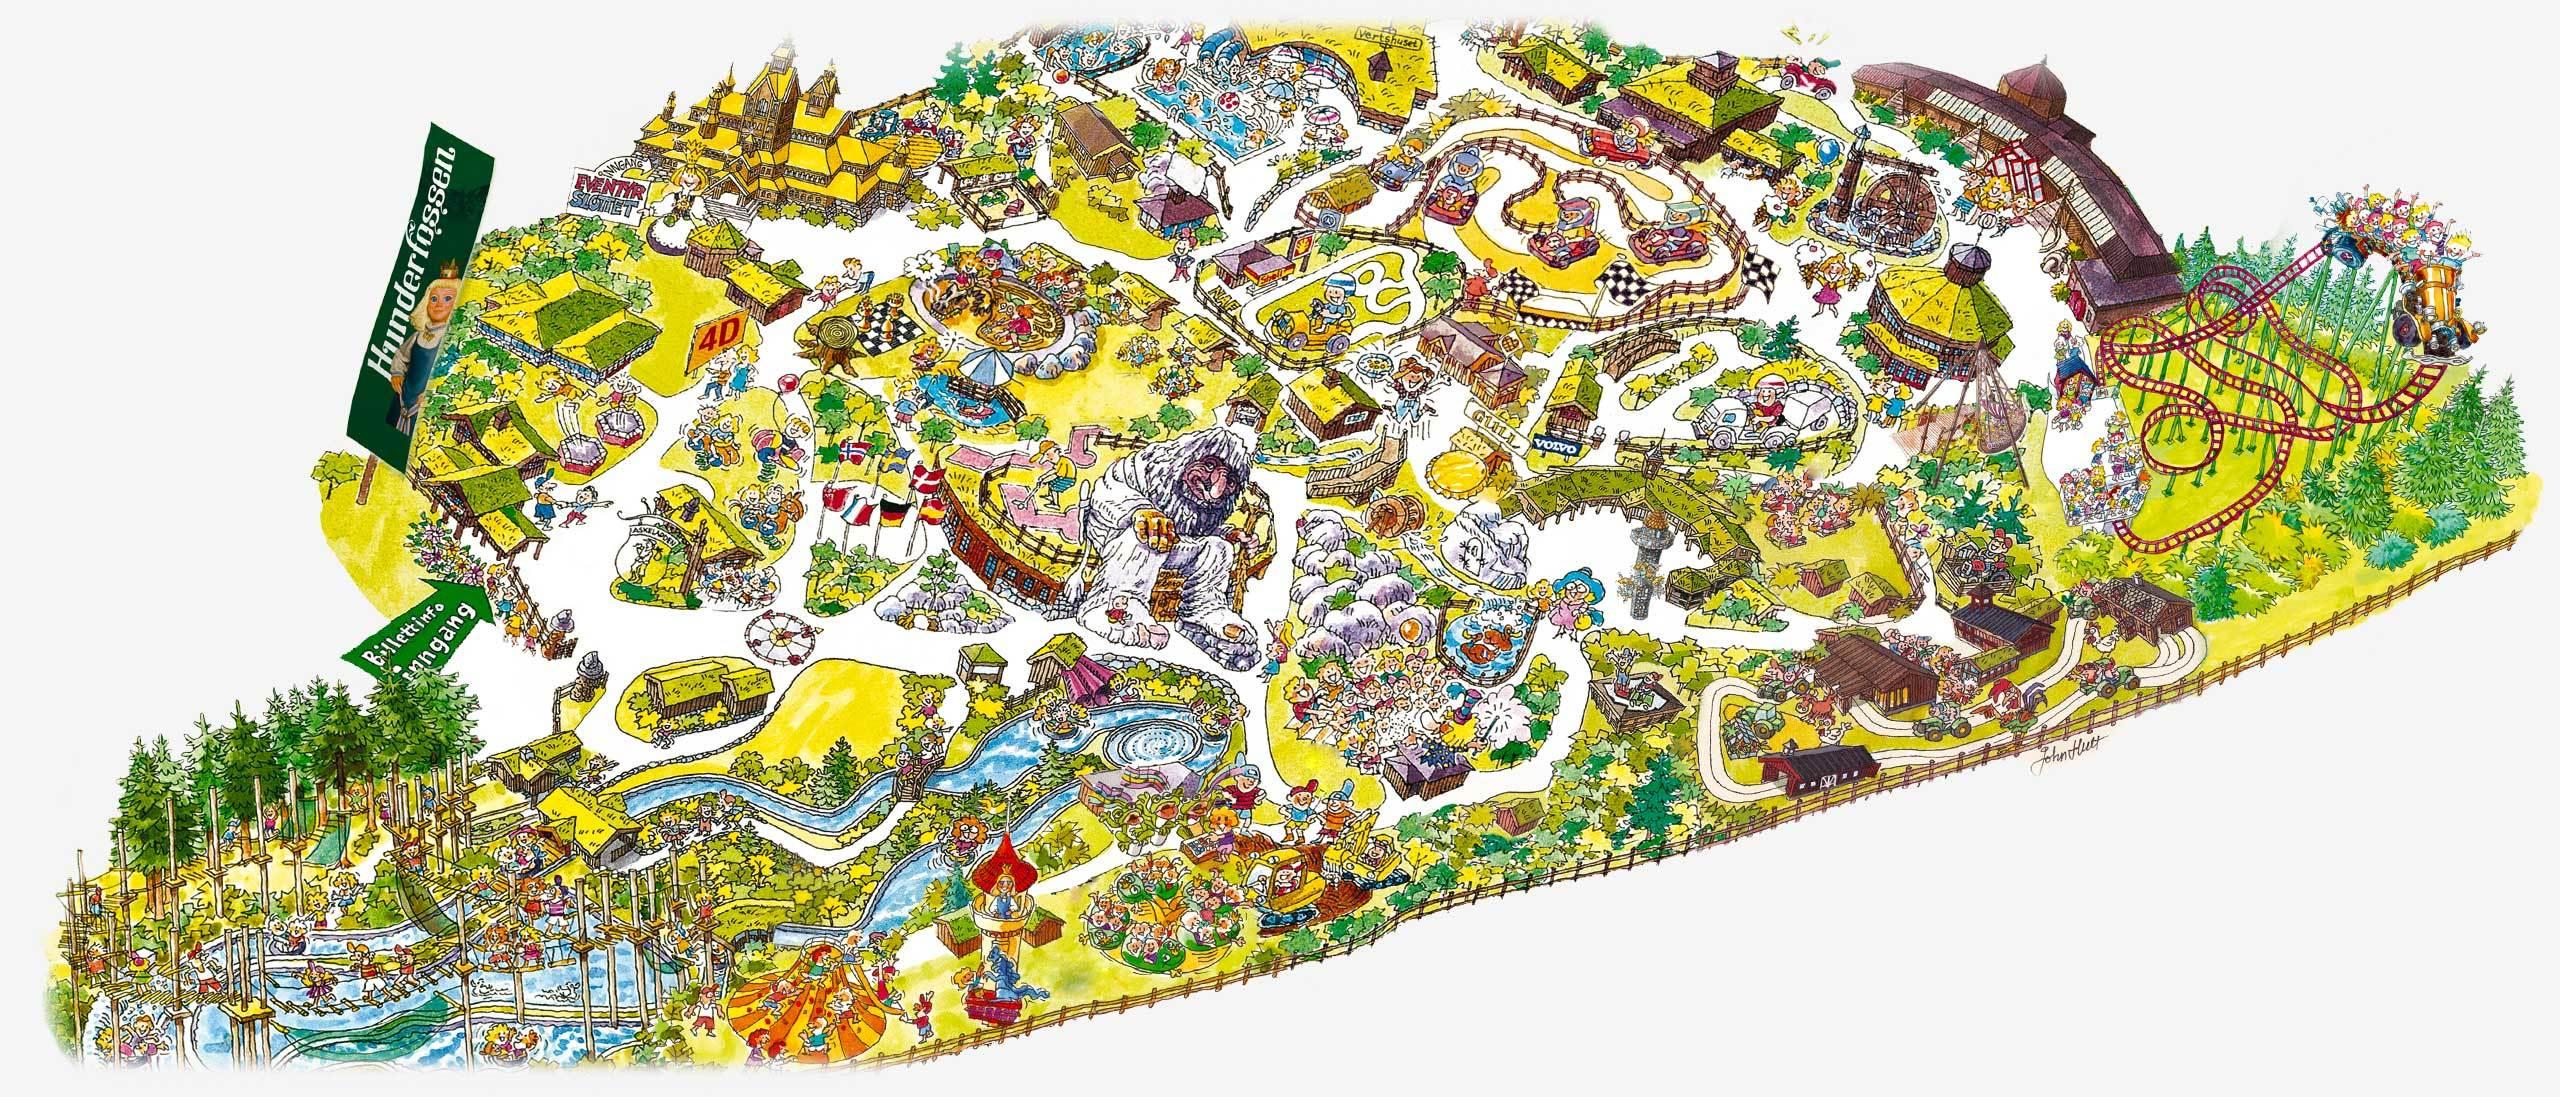 hunderfossen kart Hunderfossen Family Park. The land of trolls and fairy tales in  hunderfossen kart